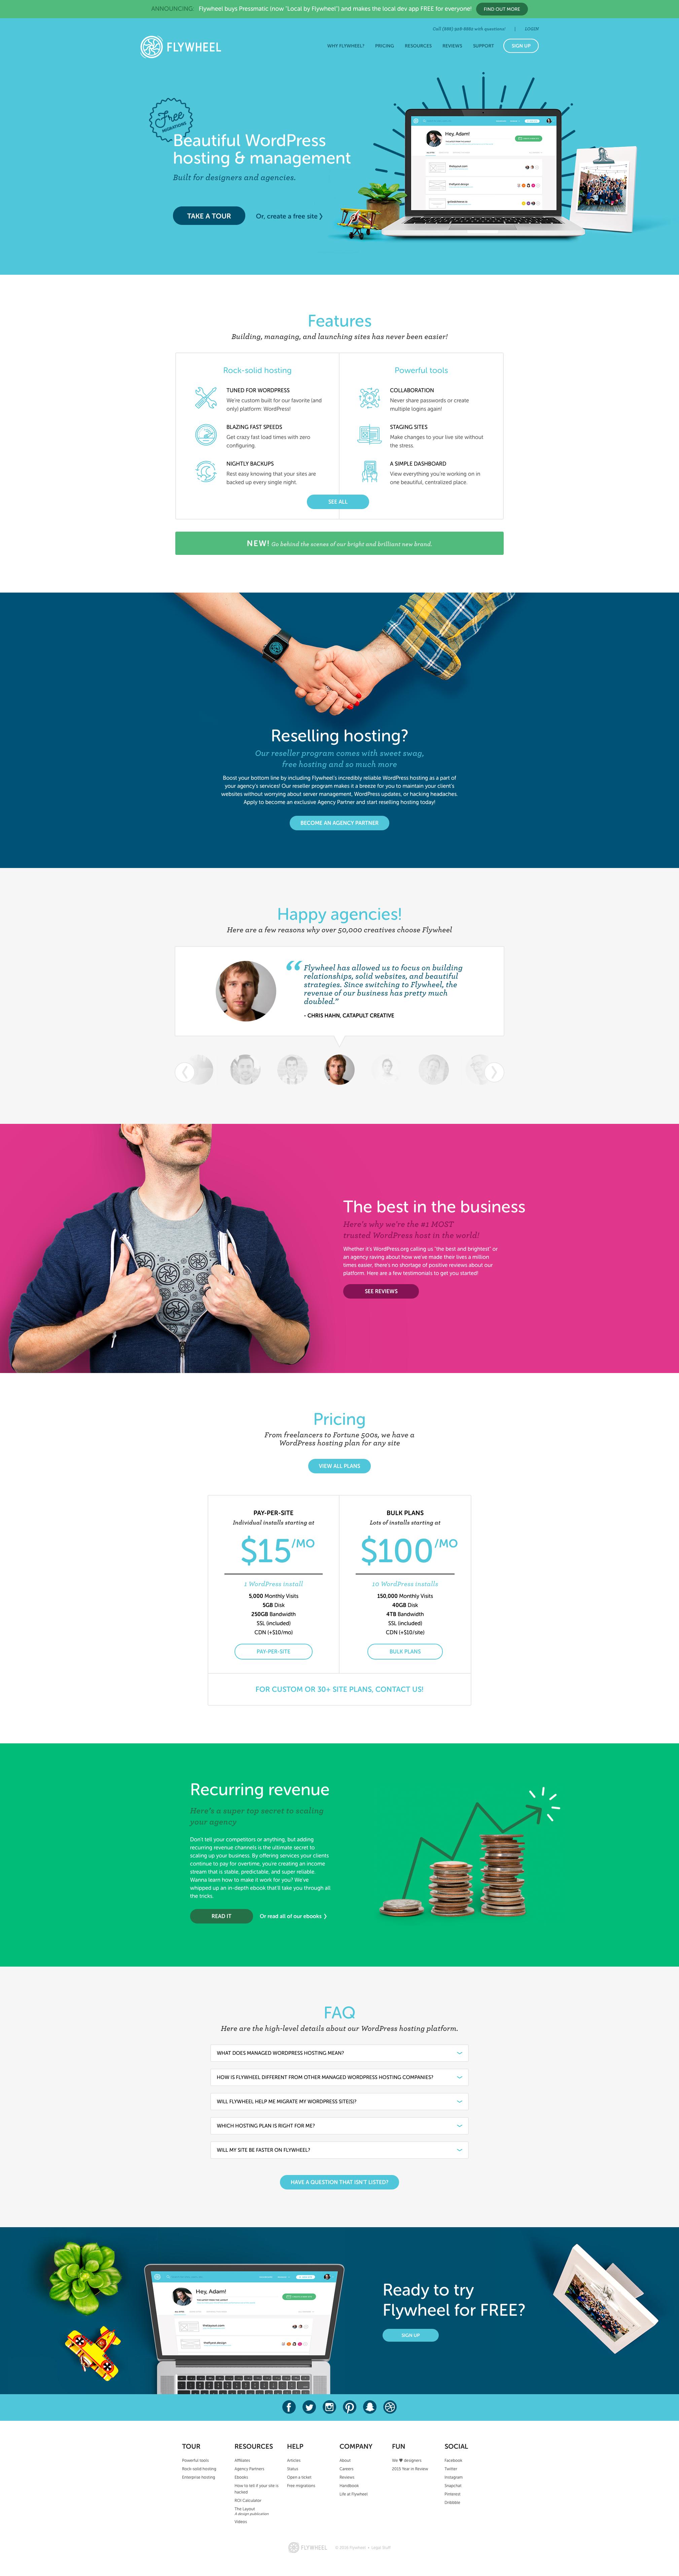 Dribbble flyhweel homepage in full